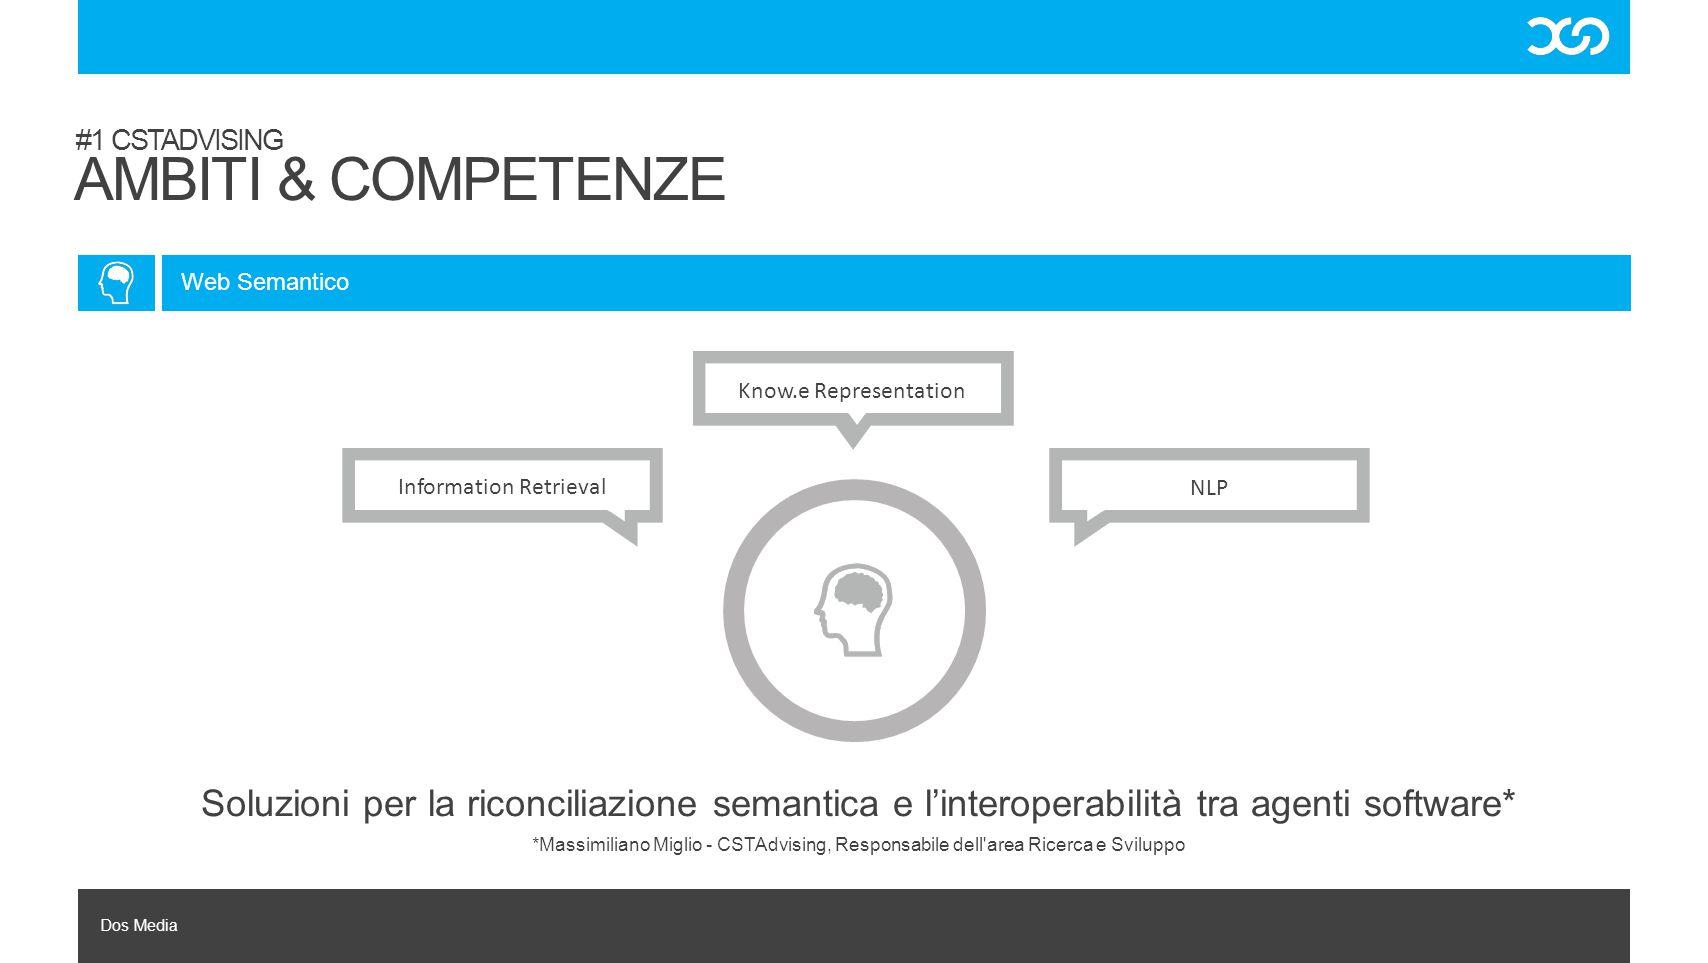 Dos Media Soluzioni per la riconciliazione semantica e l'interoperabilità tra agenti software* #1 CSTADVISING AMBITI & COMPETENZE Web Semantico NLP In